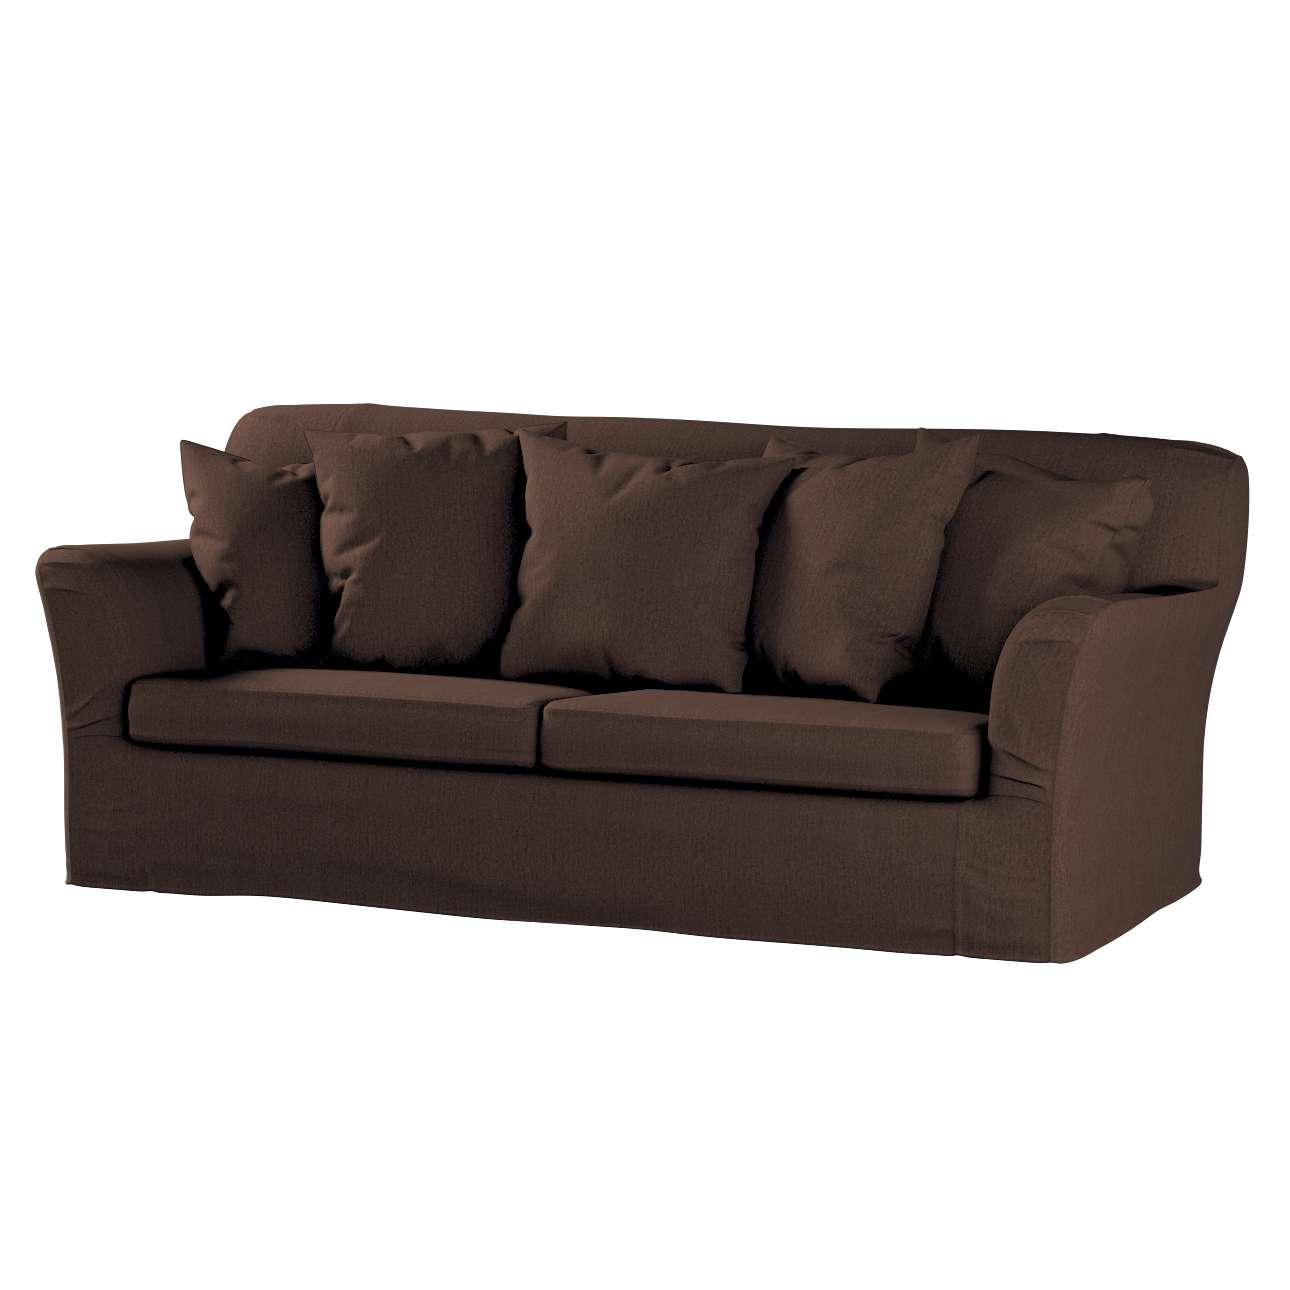 Tomelilla sofa bed cover Tomelilla sofa bed in collection Chenille, fabric: 702-18